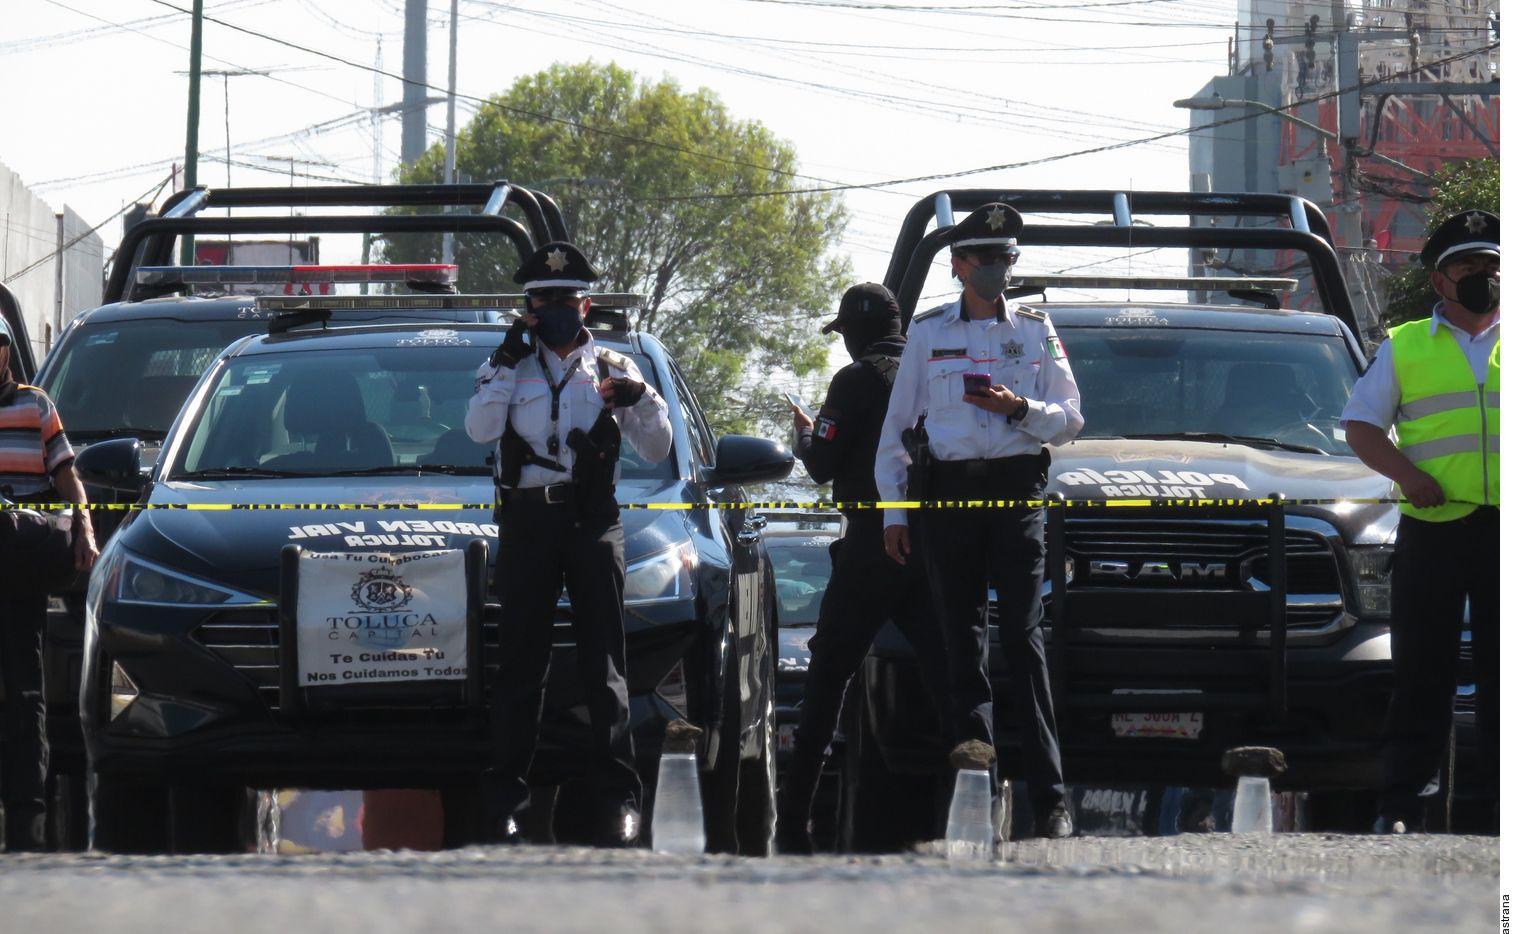 Dos personas fueron arrestadas por su probable participación en el delito de maltrato animal en el municipio de Tlalnepantla, en el estado de México.